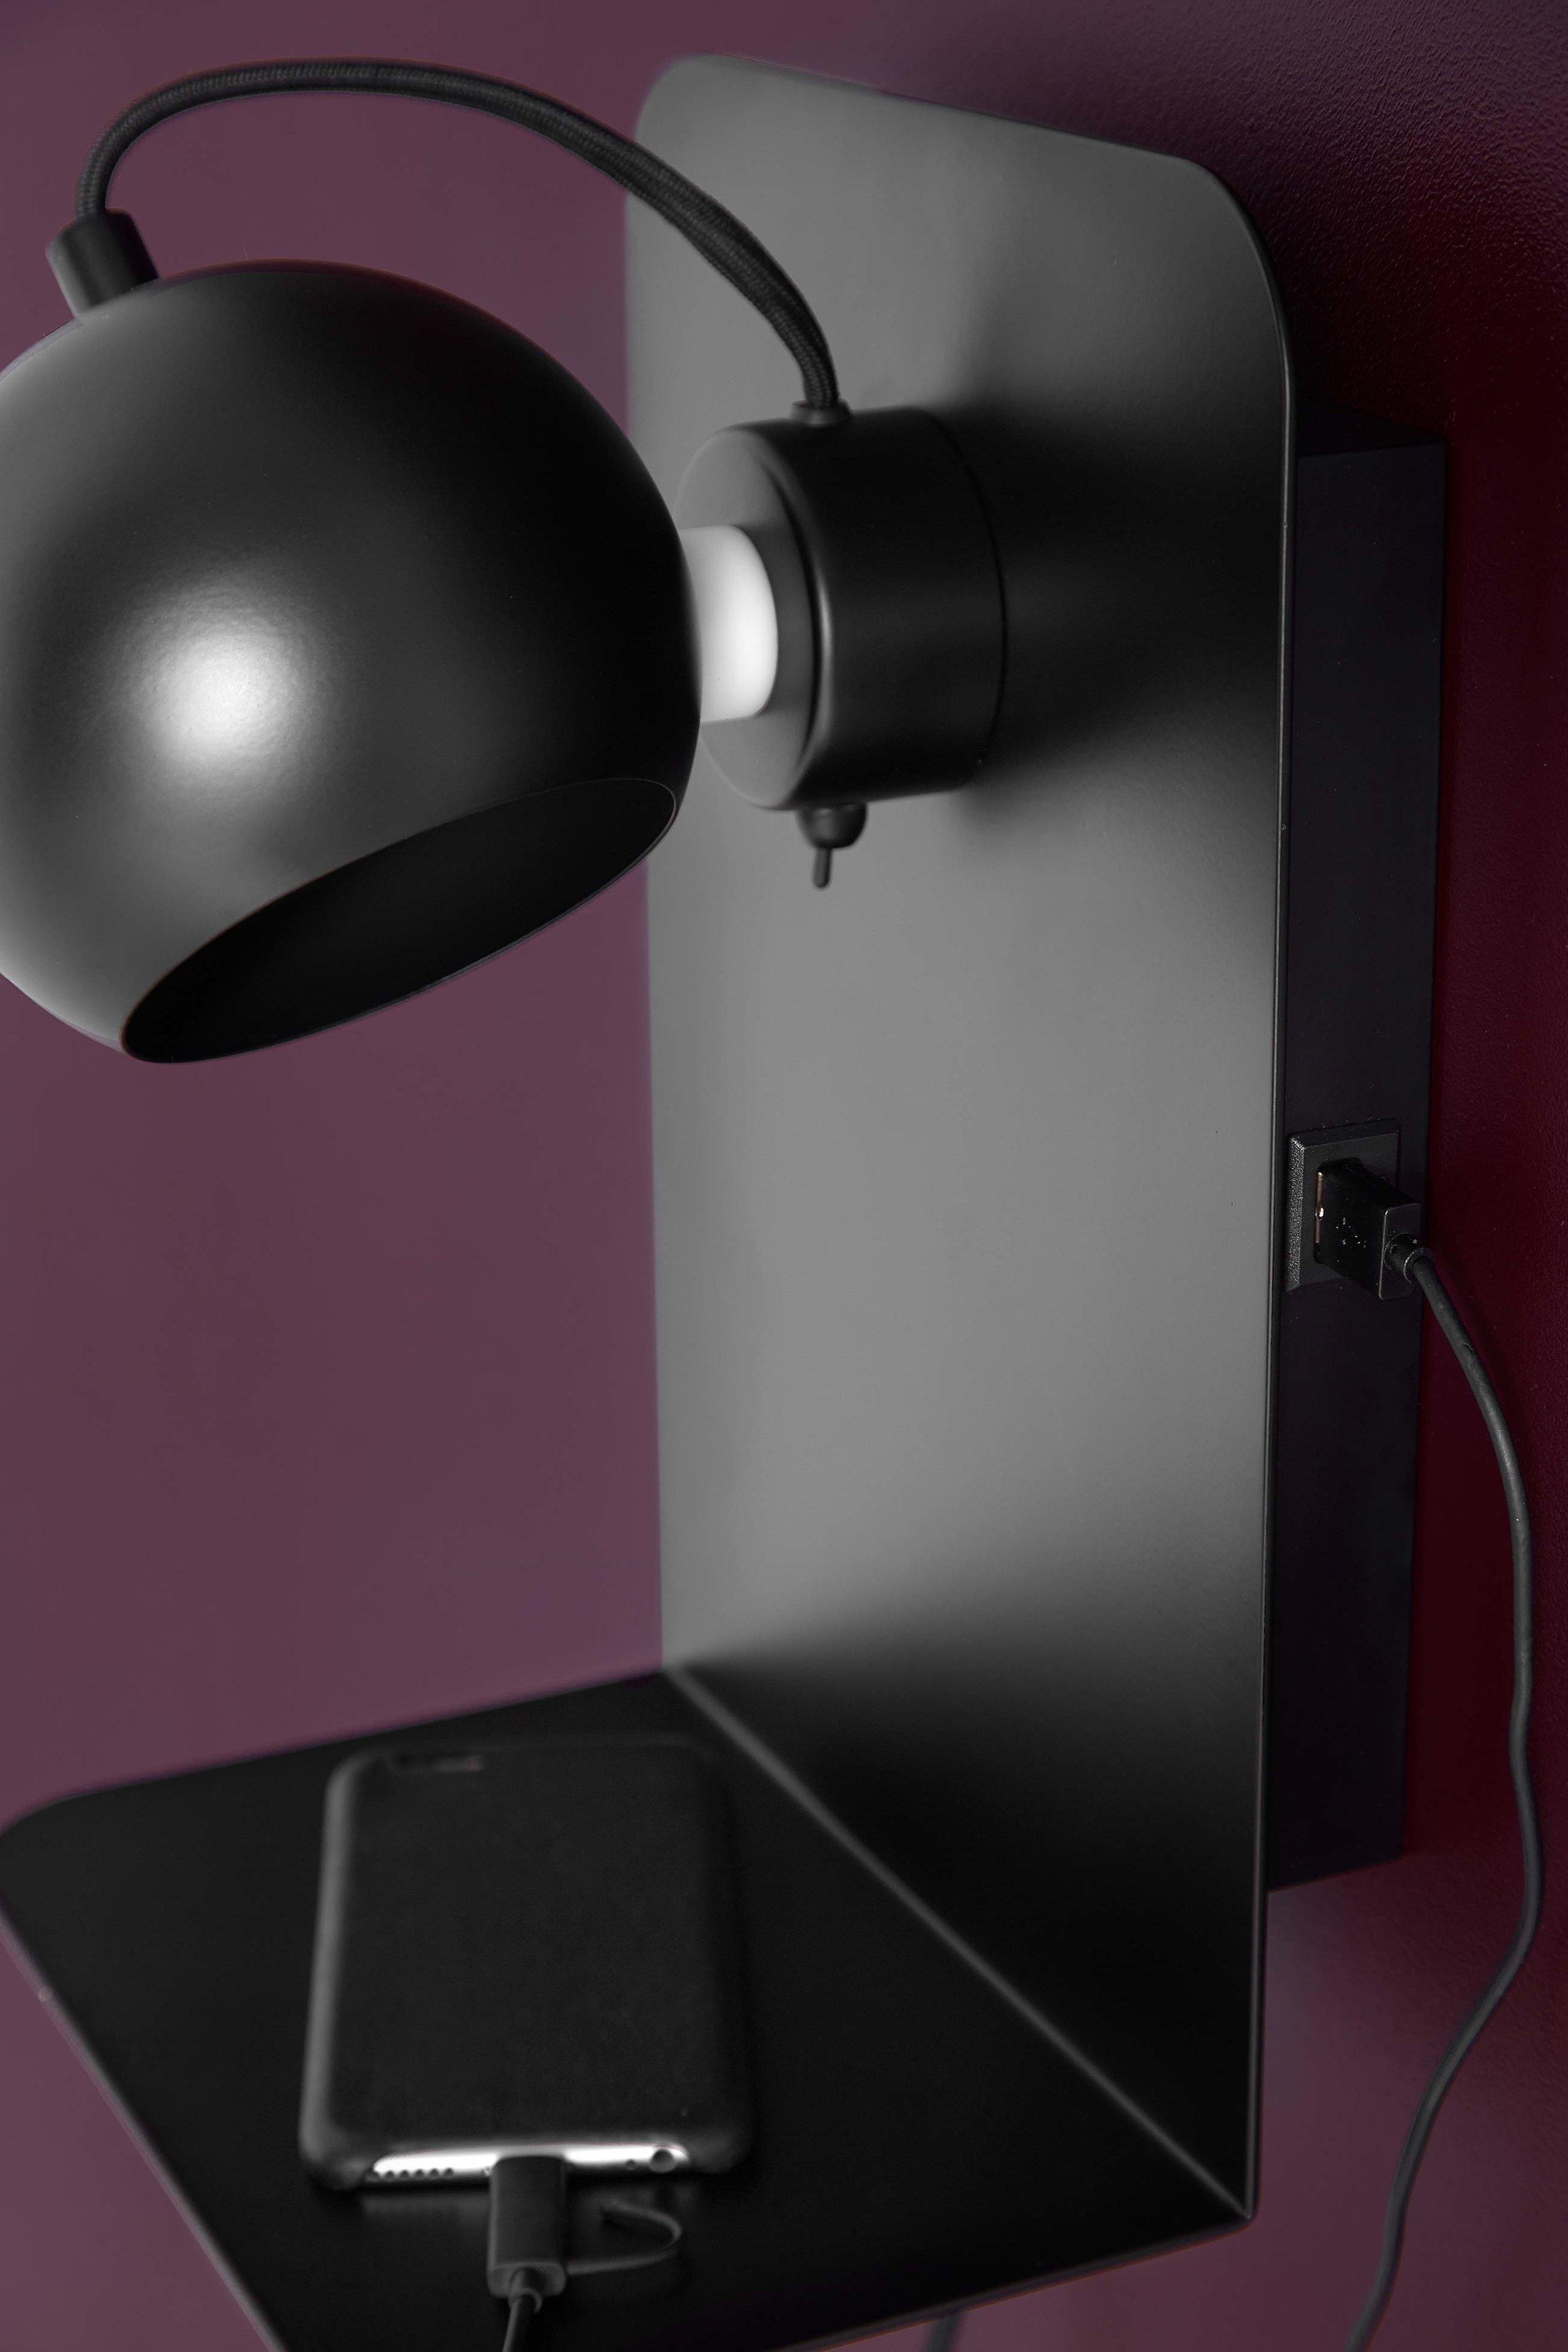 Ball-USB-wall-lamp-black-matt---lifestyle-Studio-Horsens-4016_V1.jpg